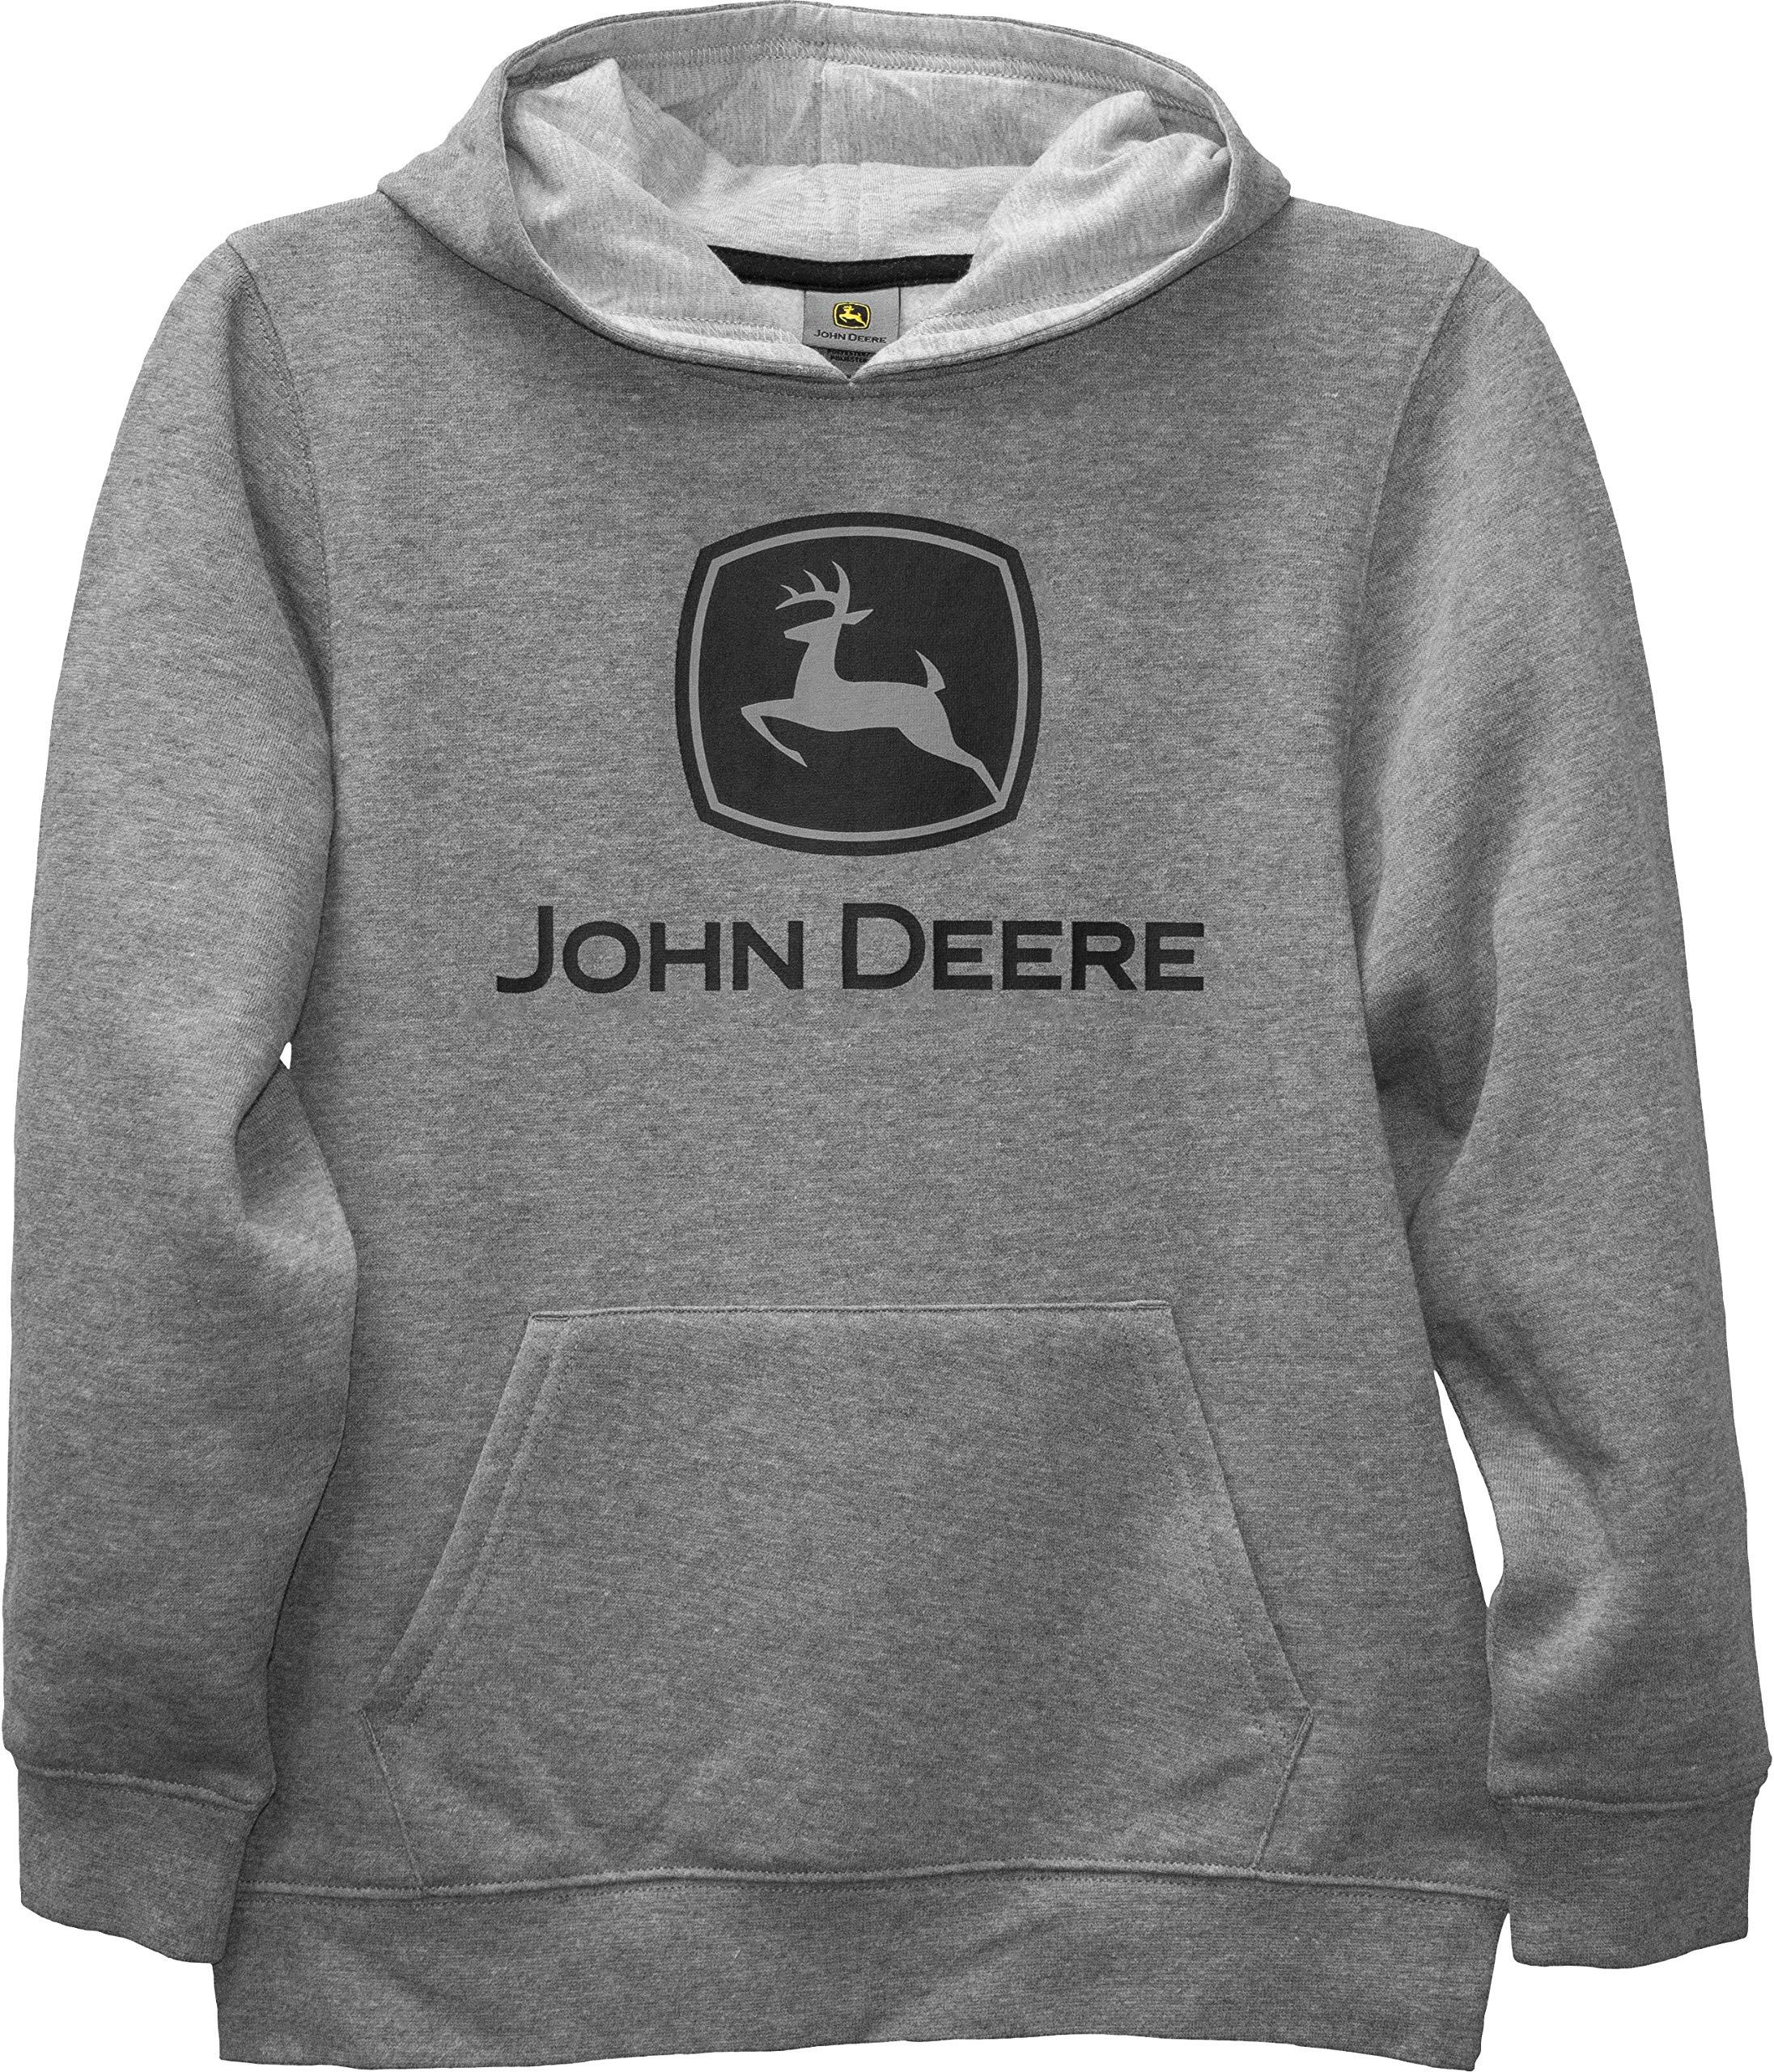 Child Fleece Pullover Hoodie John Deere